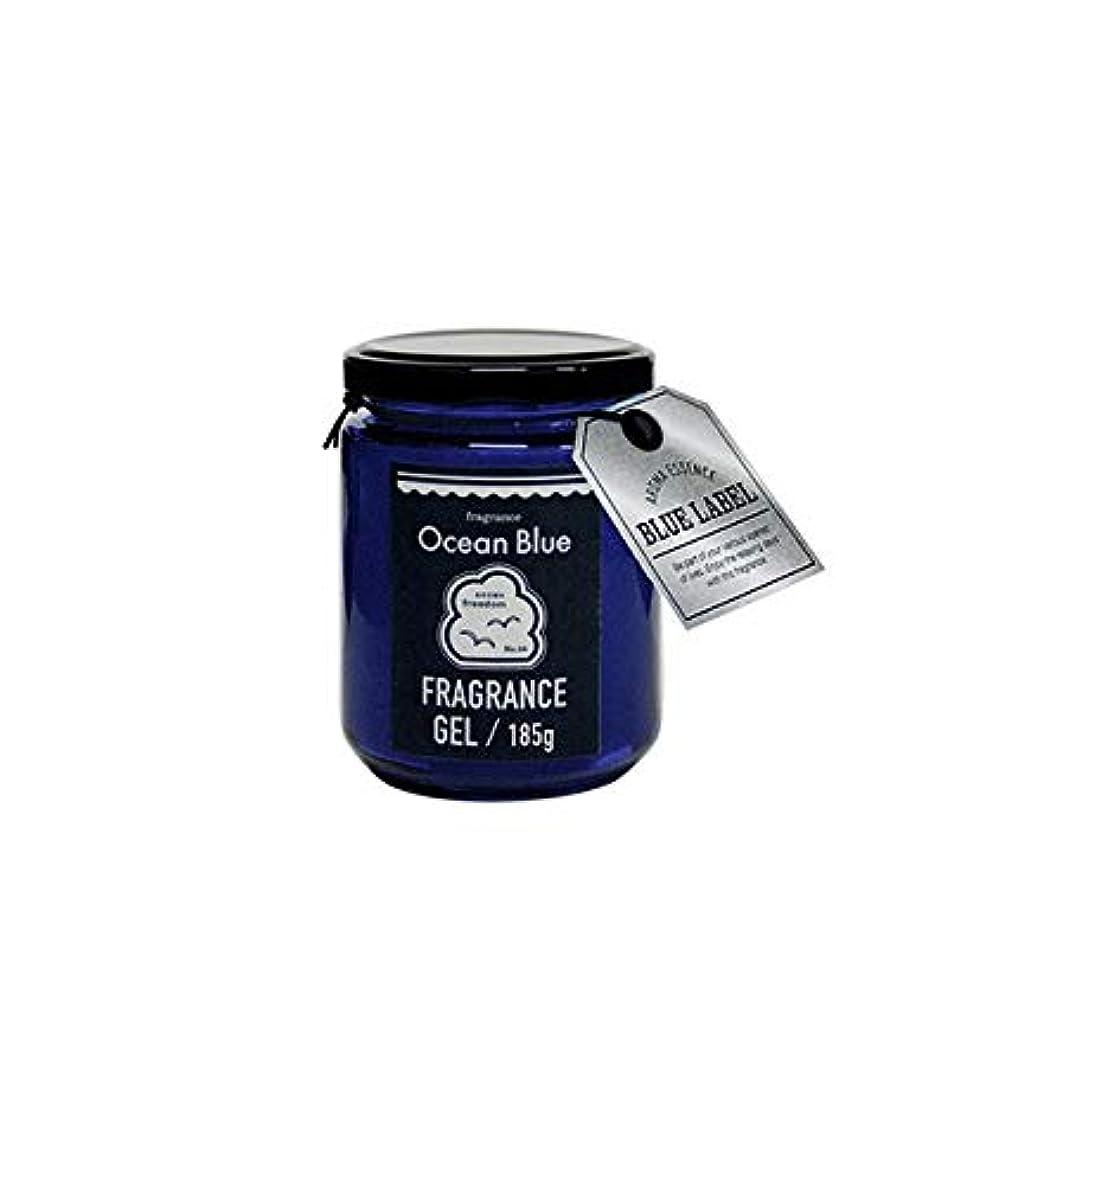 ディスパッチ粘着性ゲートウェイアロマエッセンスブルーラベル フレグランスジェル185g オーシャンブルー(ルームフレグランス 約1-2ヶ月 海の爽快な香り)